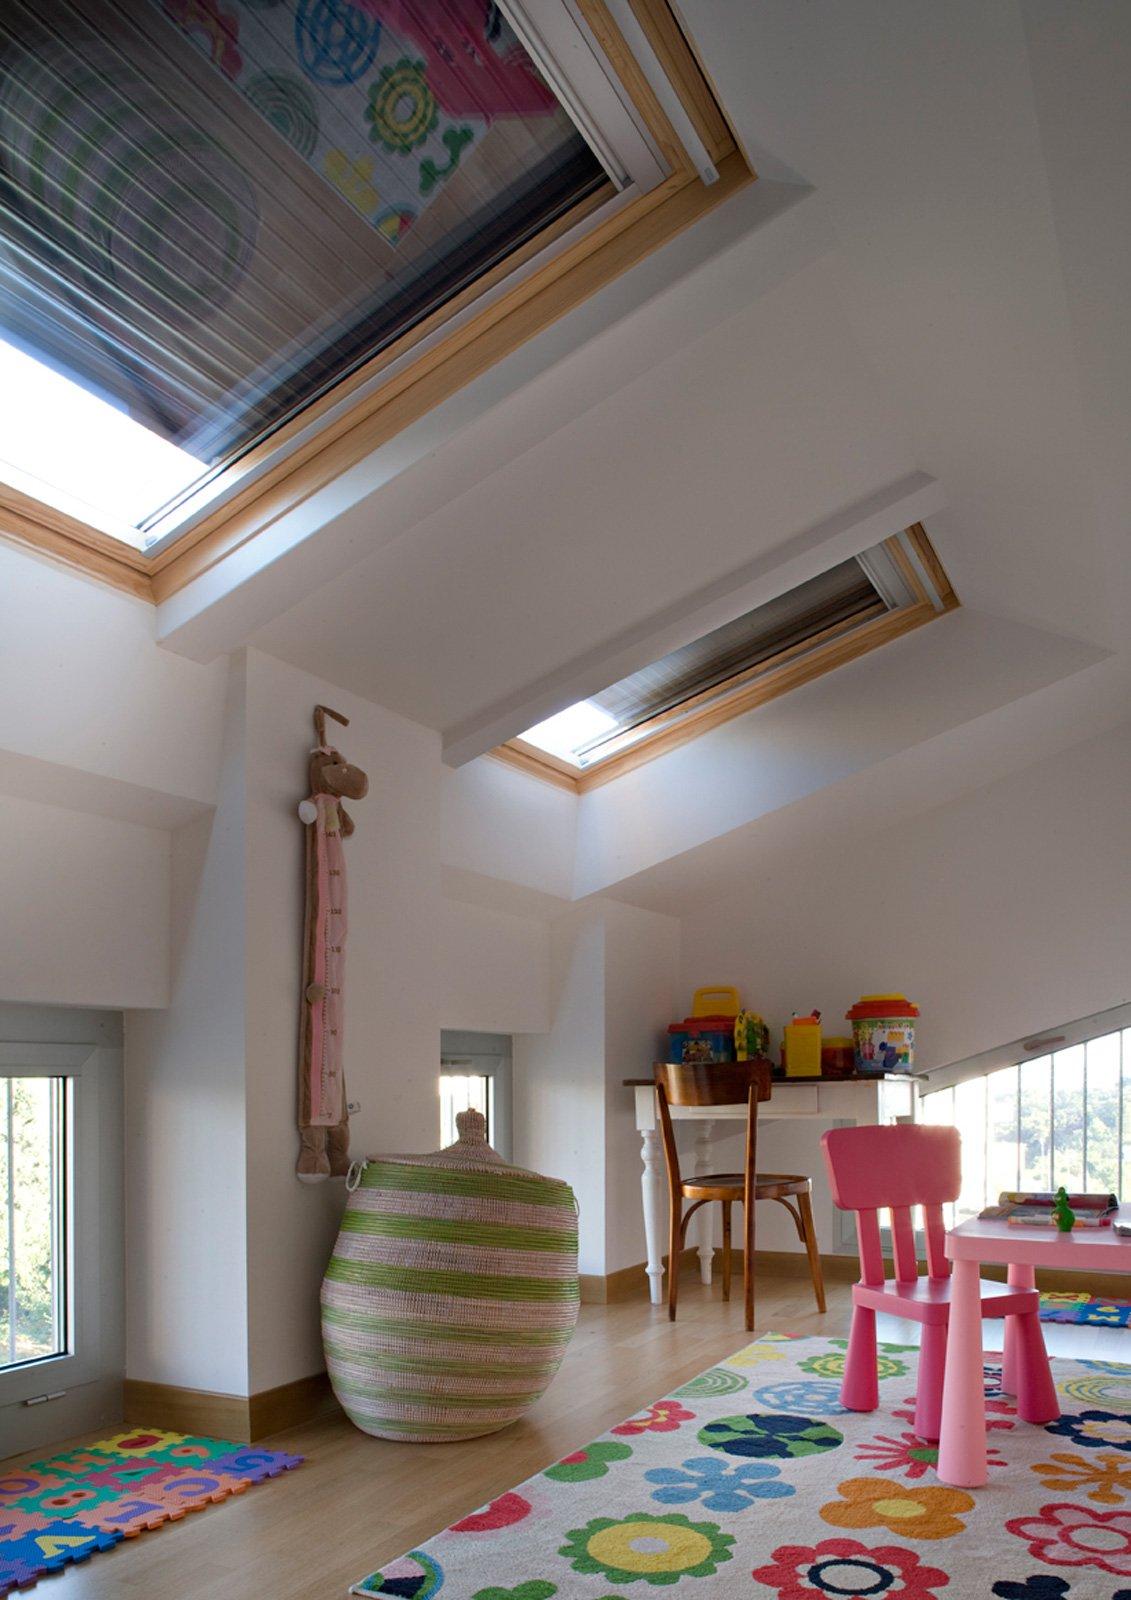 90 mq ambienti moltiplicati nell 39 attico con vista mare for Tapparelle per velux